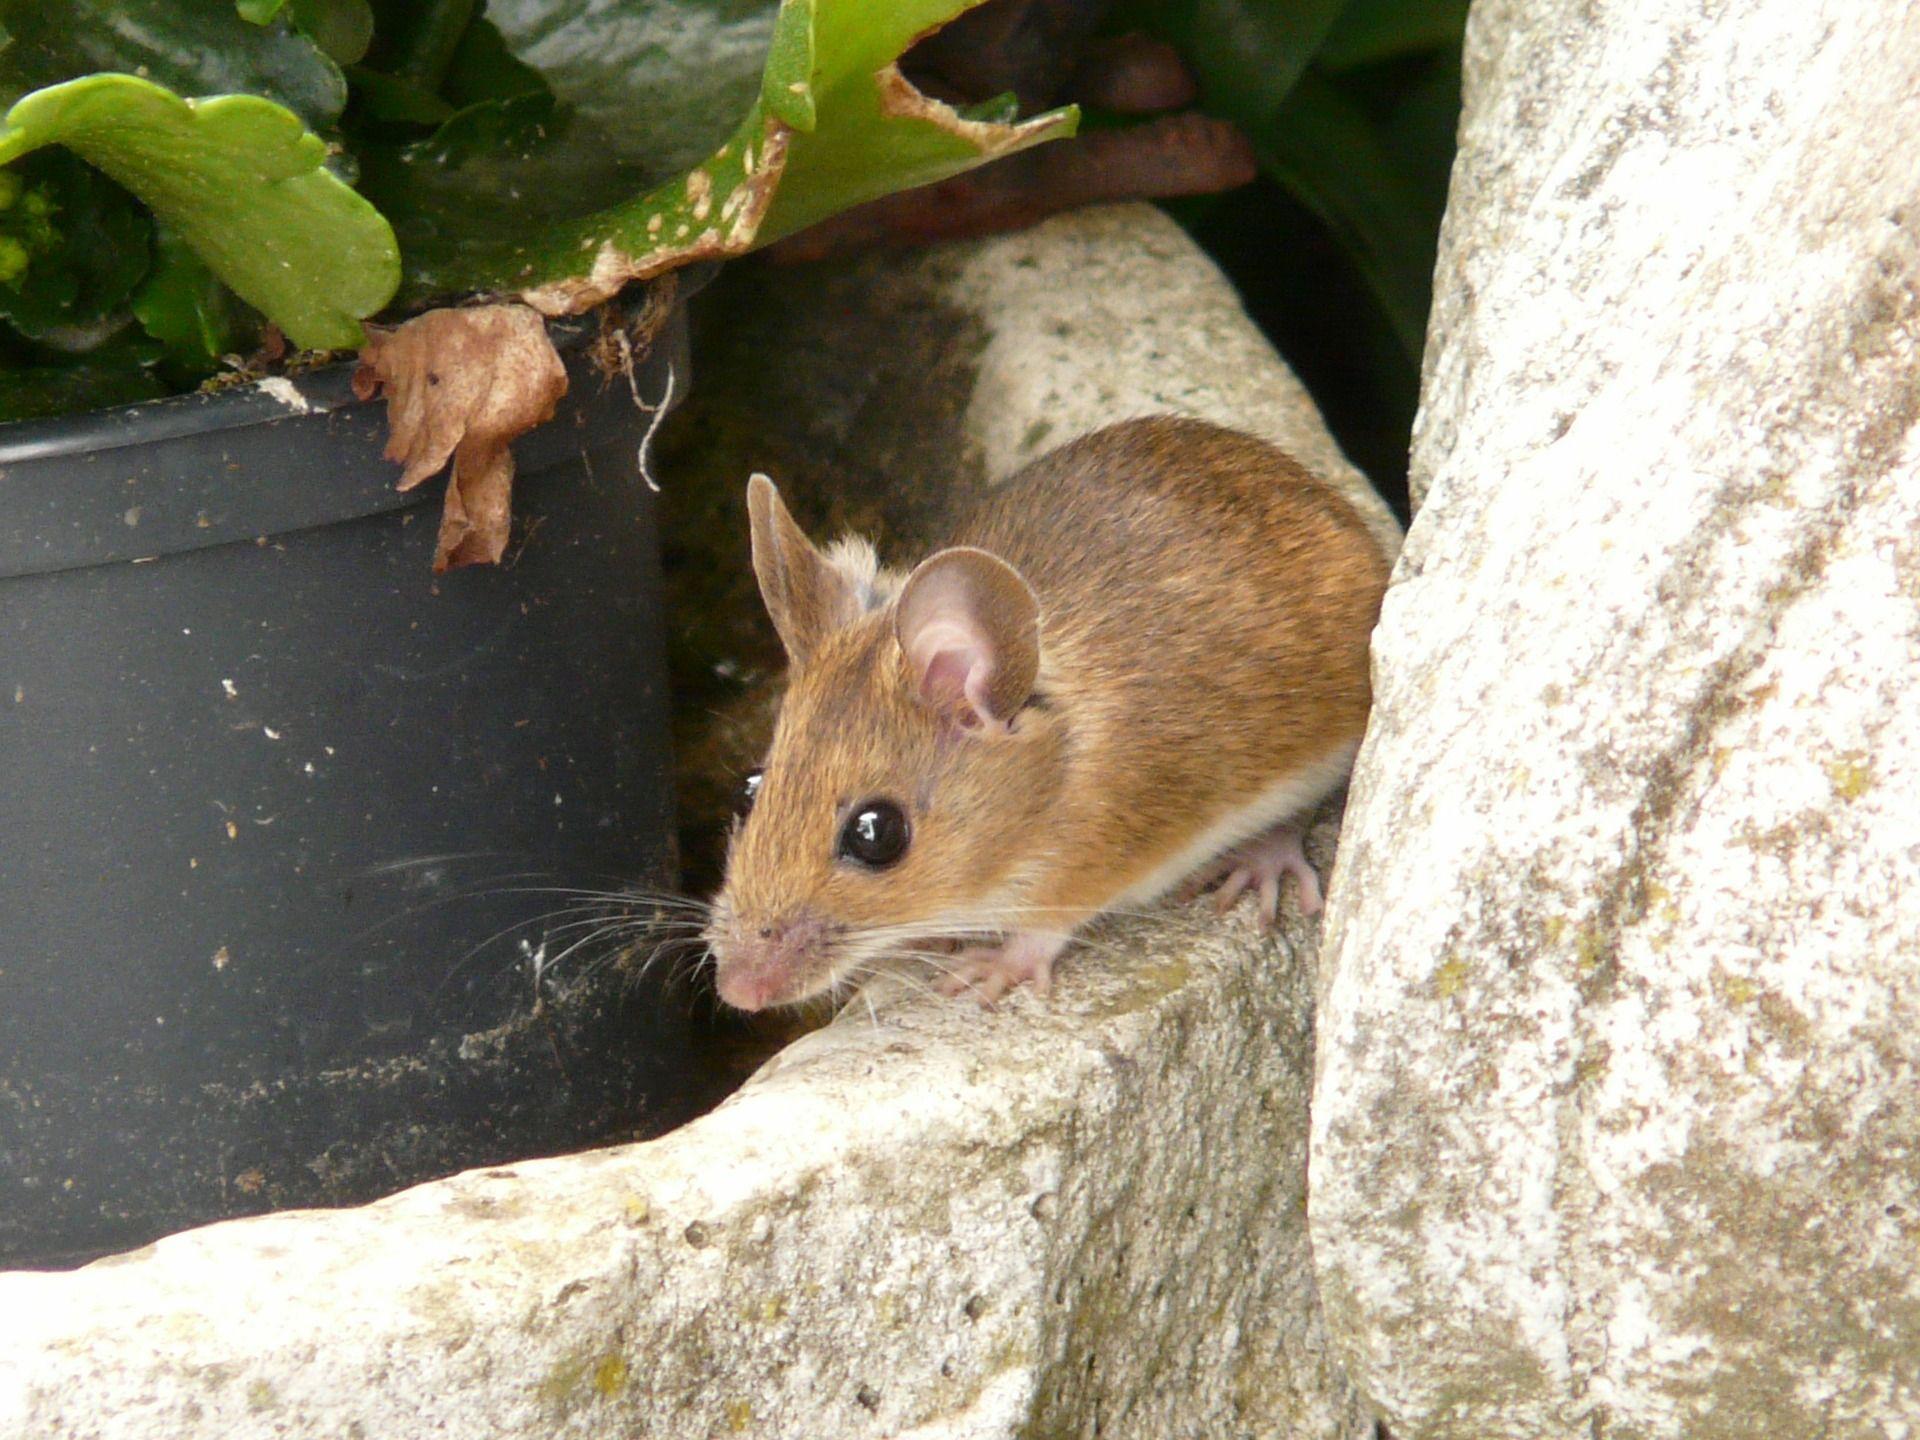 c317e0a7b9c3 How to Get Rid of Rodent Pests in the Home | The Old Farmers Almanac ...